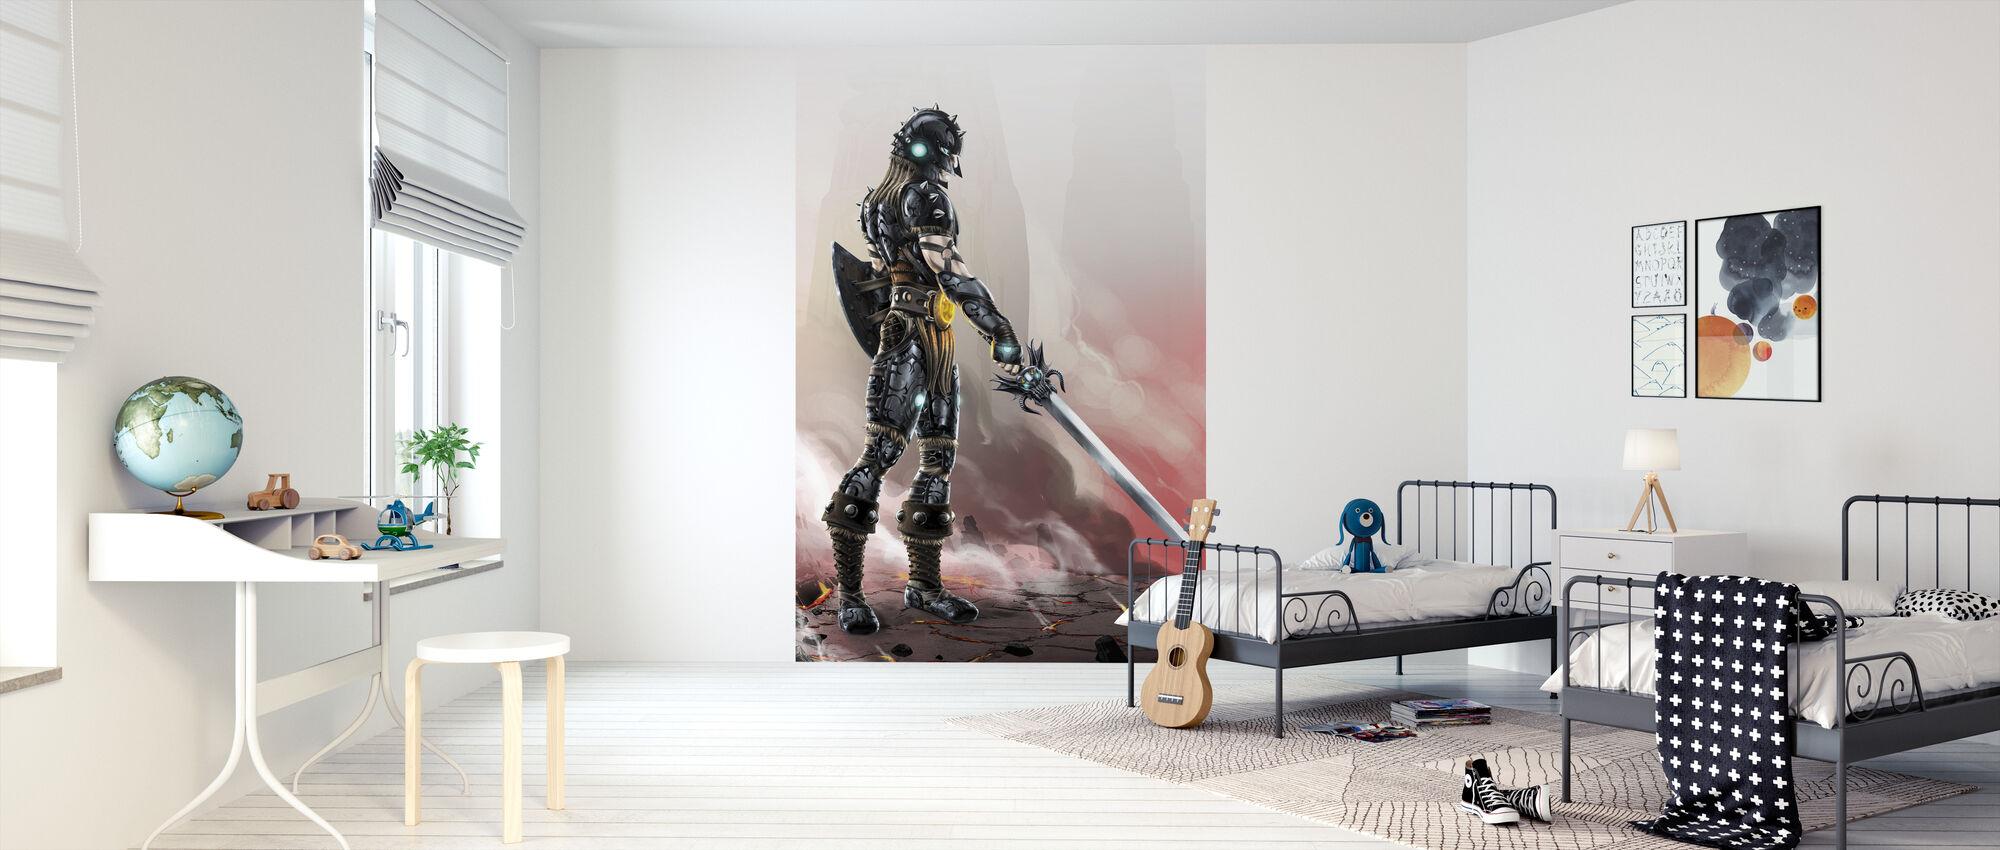 Fantasy Warrior - Wallpaper - Kids Room